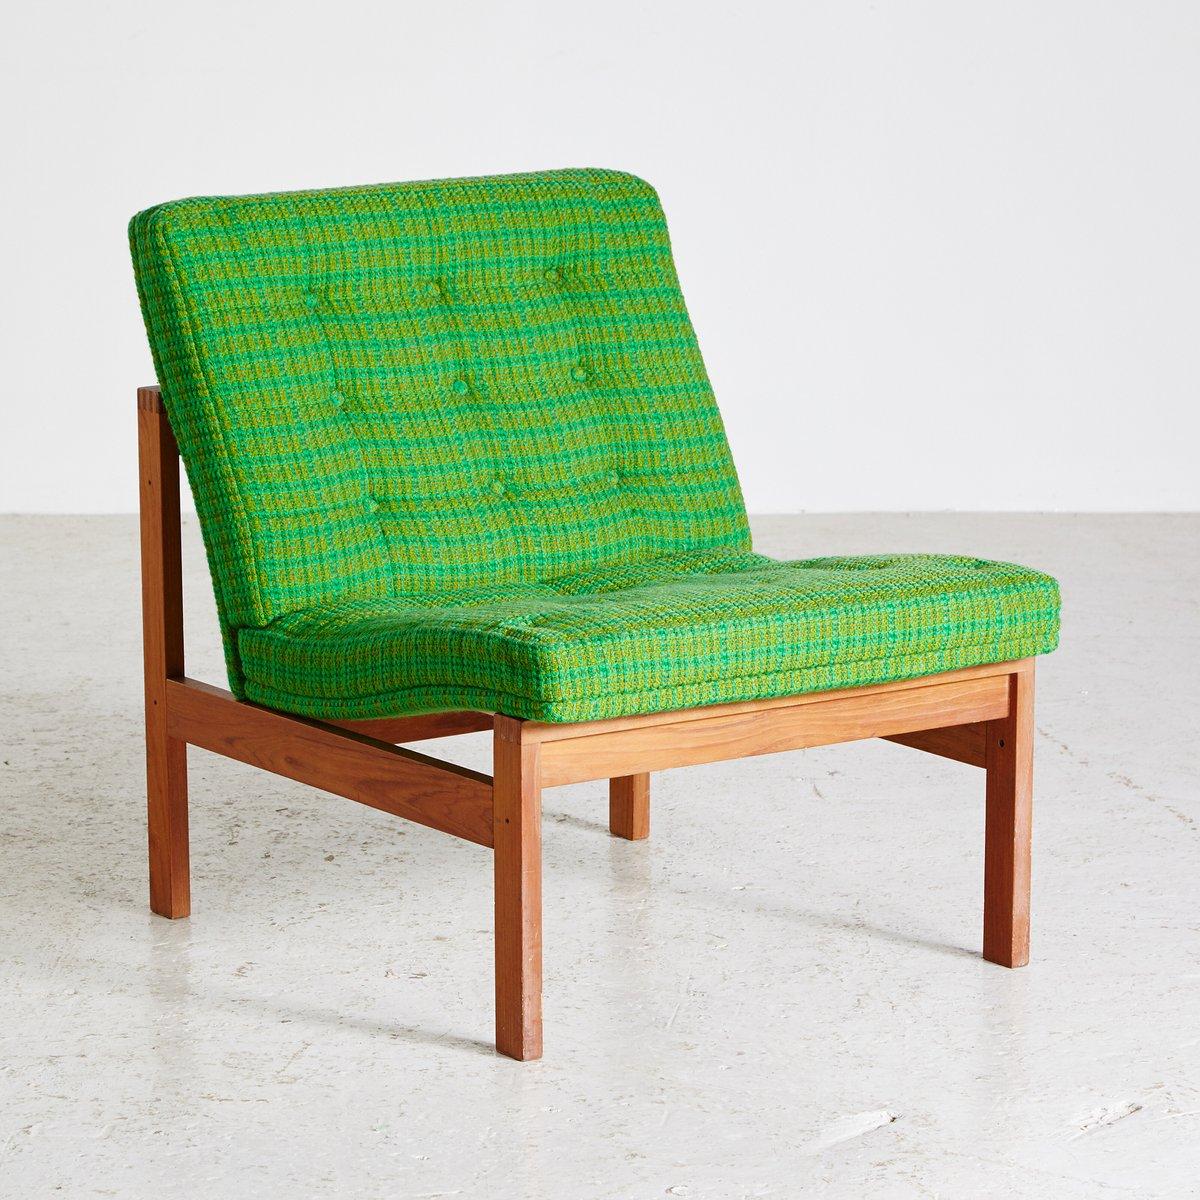 modulares modell 175 sofa beistelltisch von ole gjerl v knudsen torben lind f r france s n. Black Bedroom Furniture Sets. Home Design Ideas